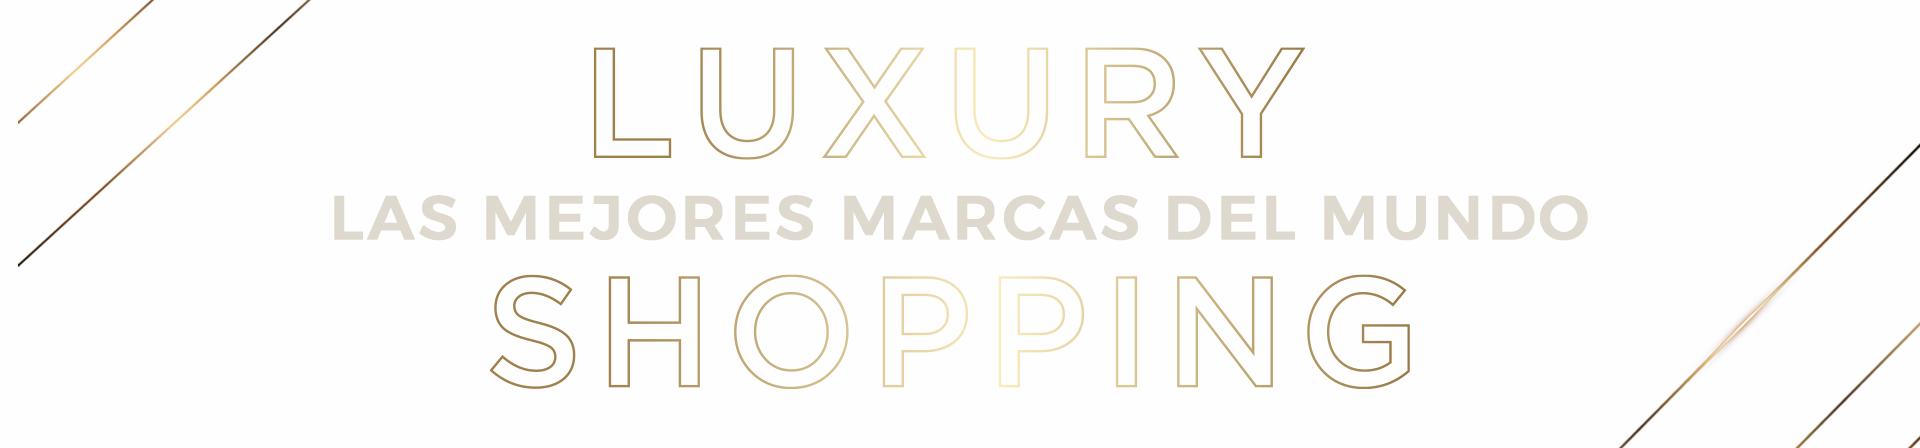 Plaza del Duque Luxury Shopping_Las mejores marcas del mundo